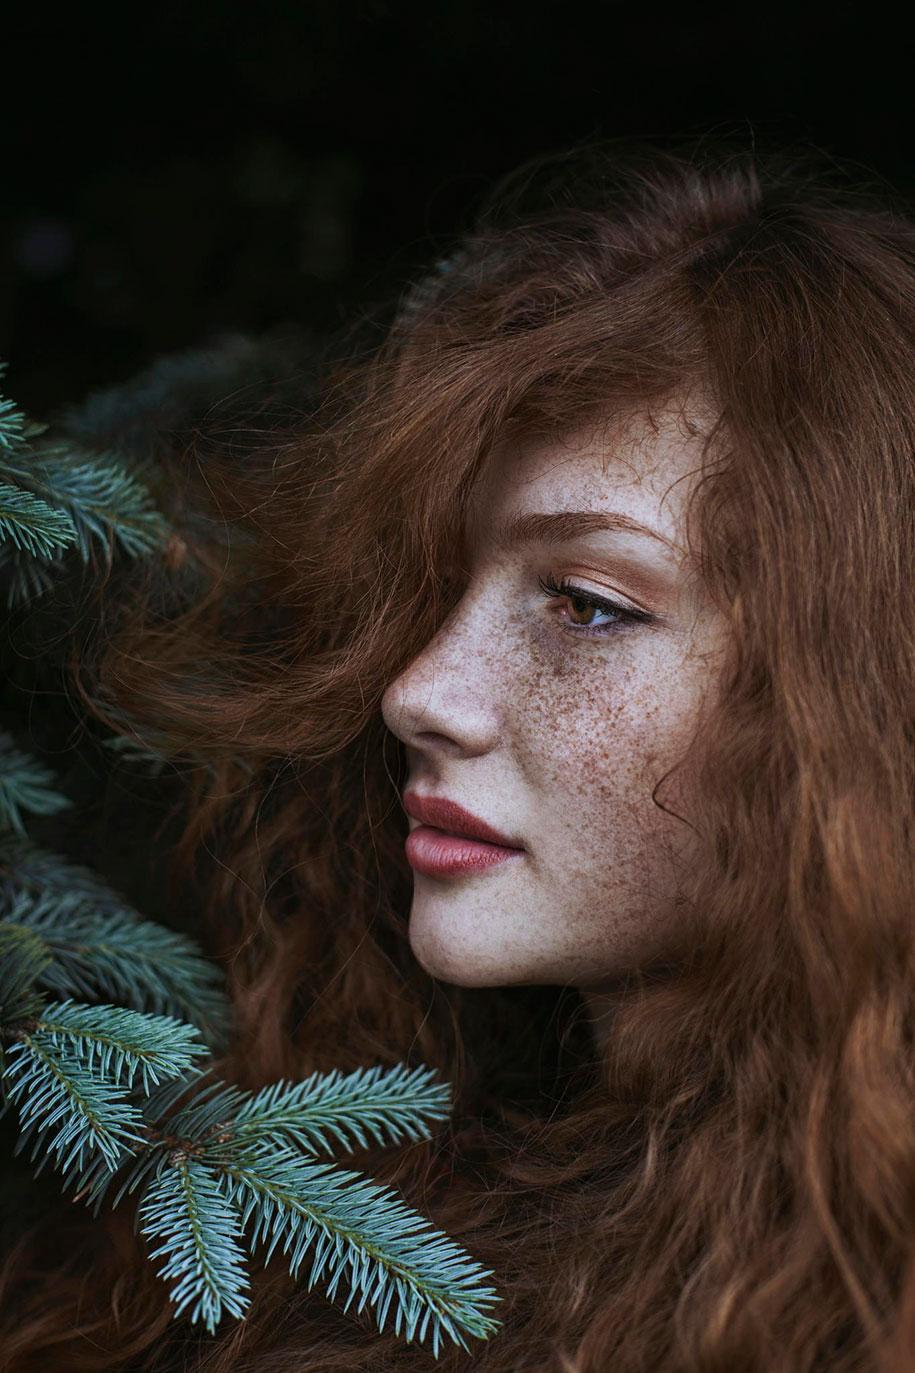 foto-ragazze-capelli-rossi-lentiggini-fiori-maja-topcagic-07